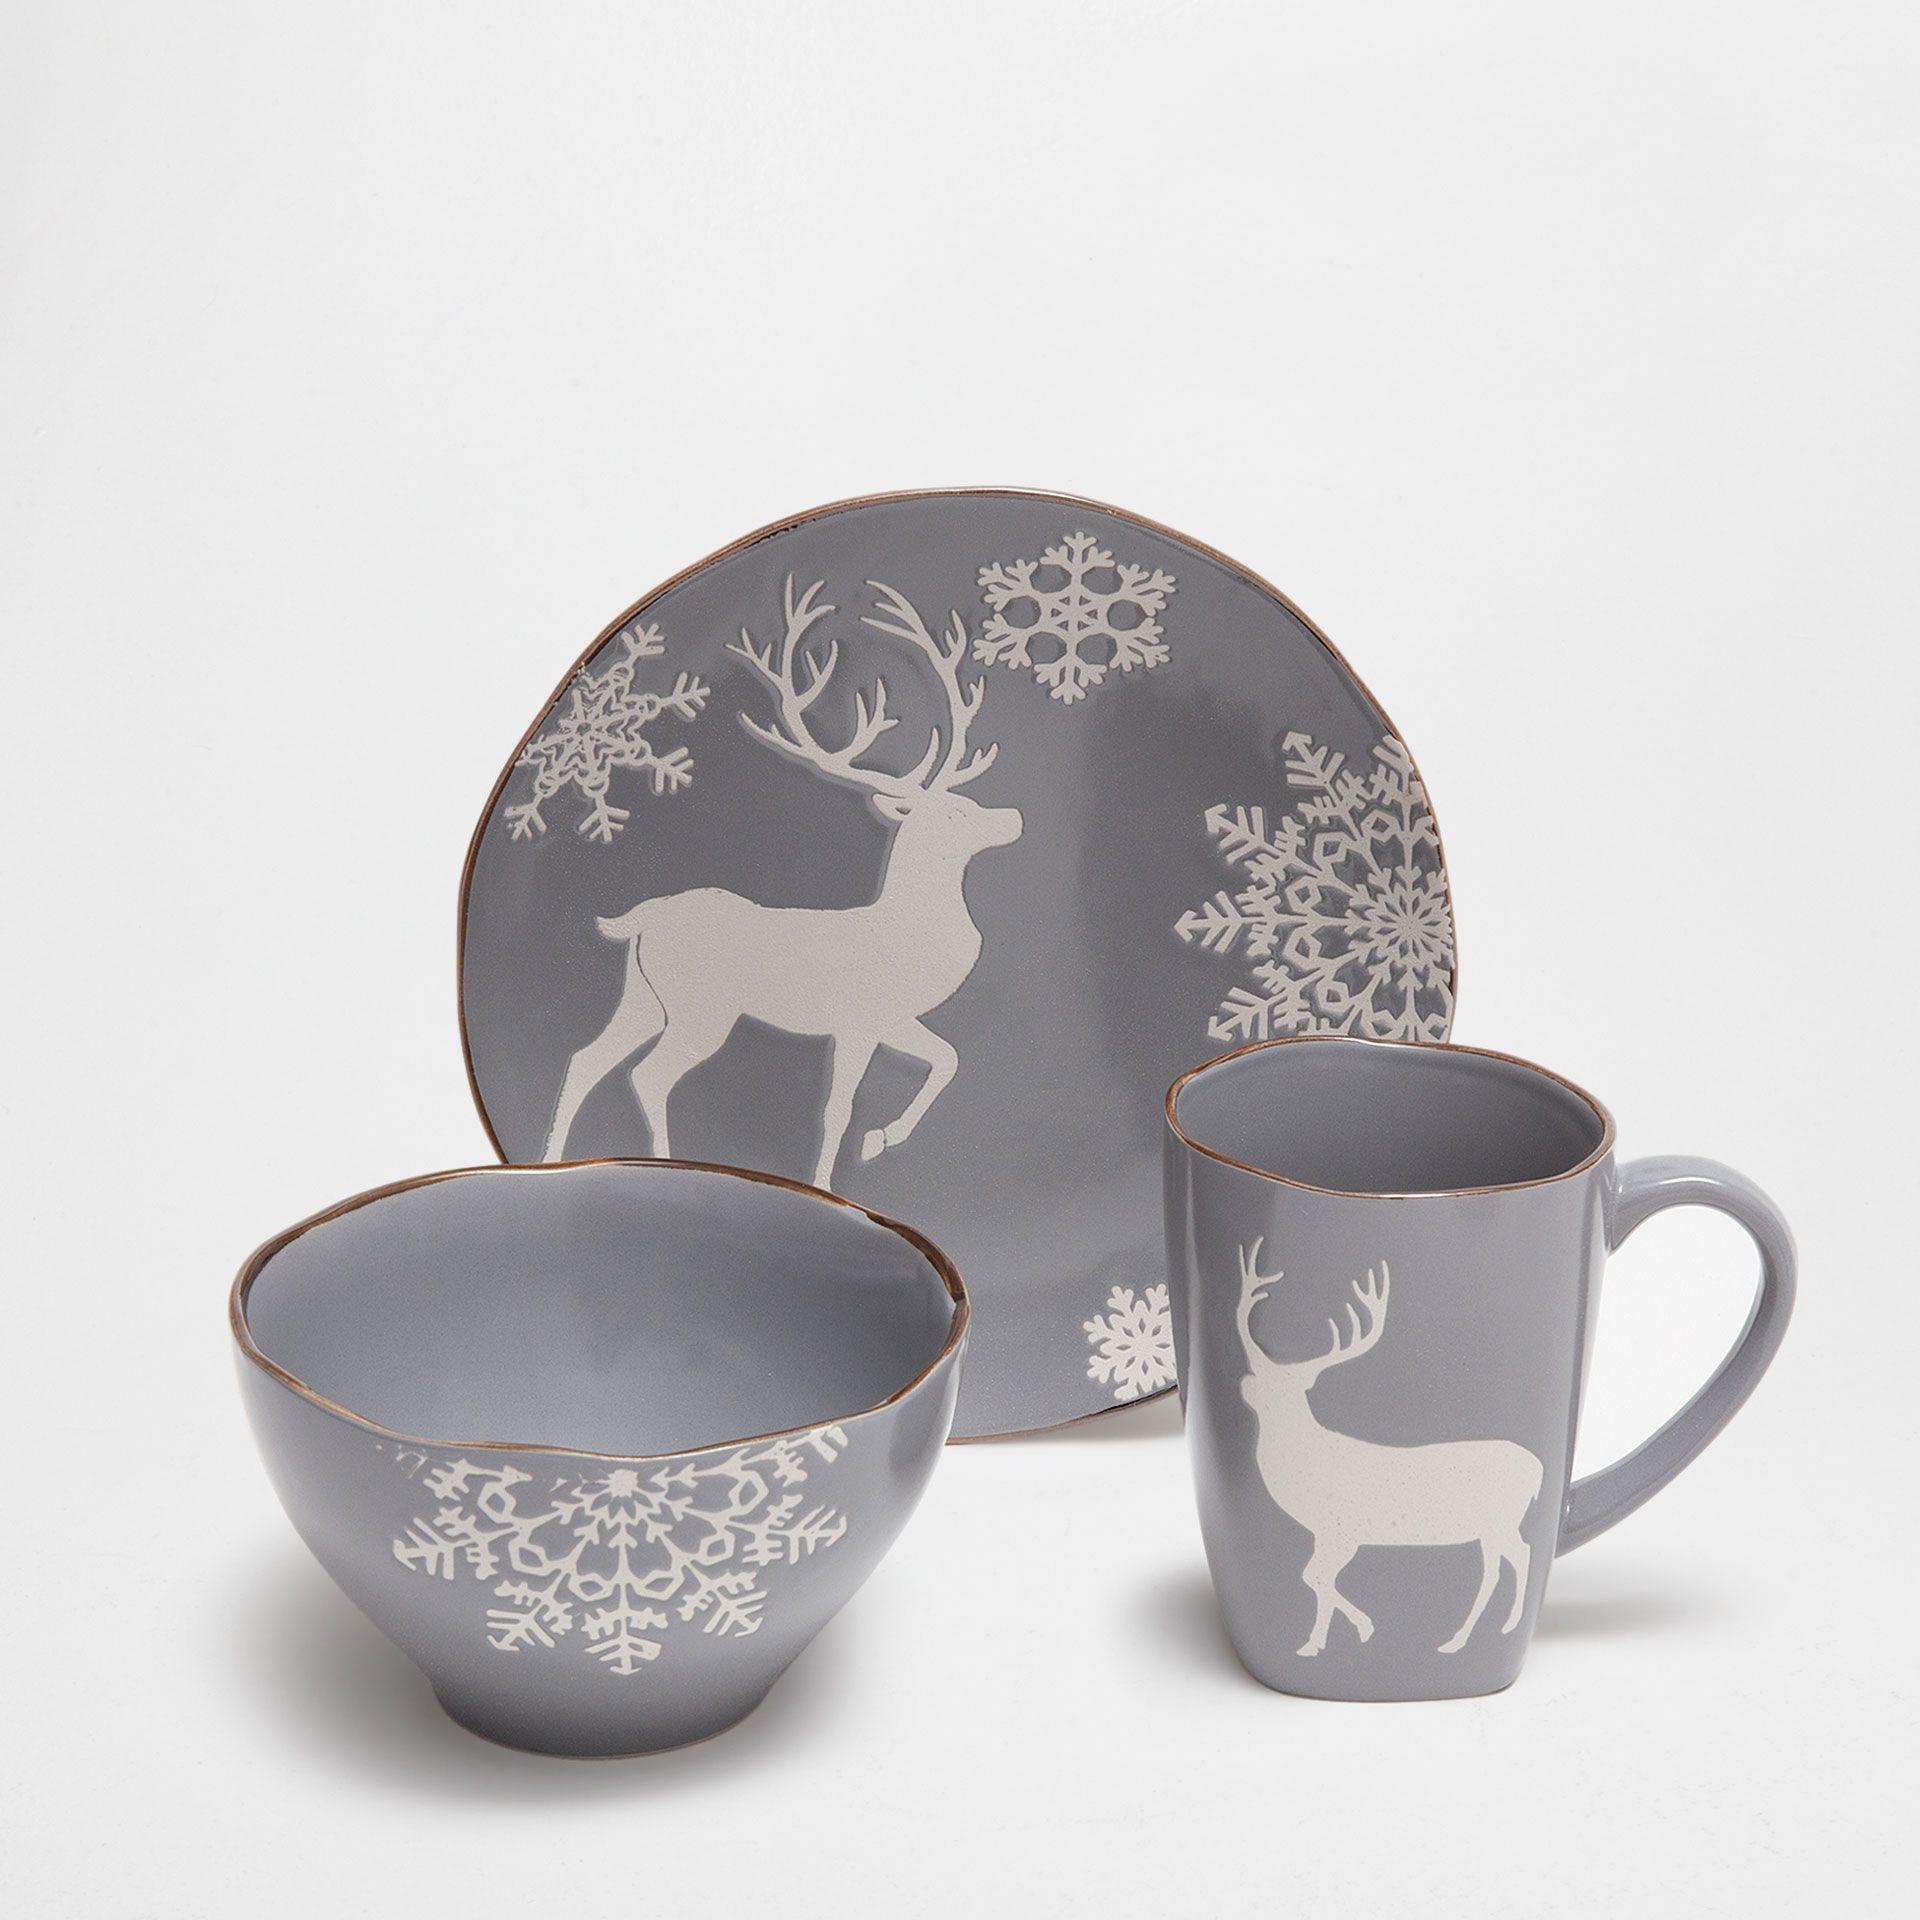 Damla-desenli-porselen-yemek-takım-örnekleri